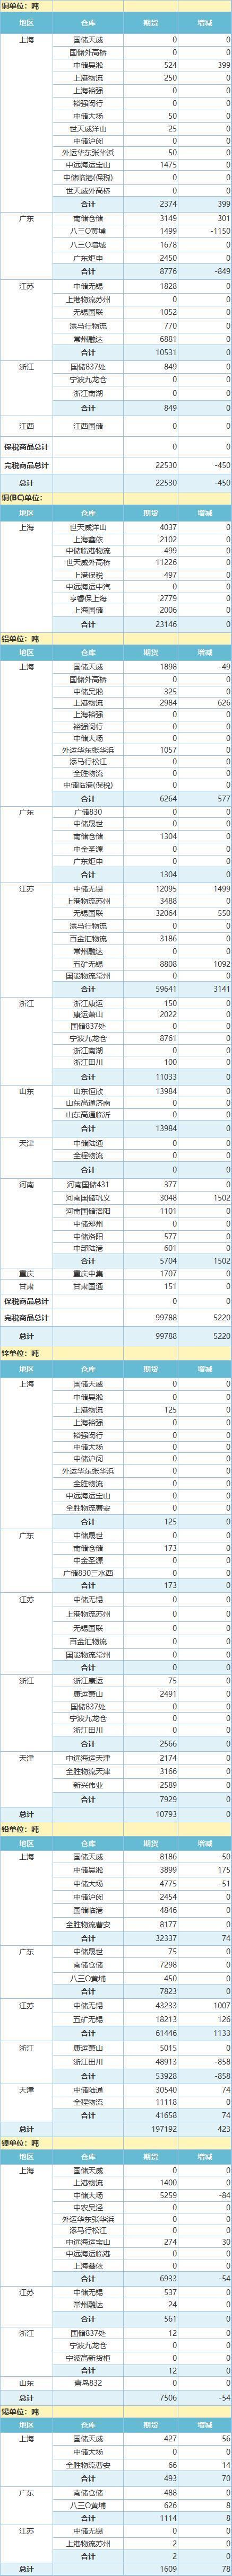 9月14日上海期 货交 易所金属库存日报